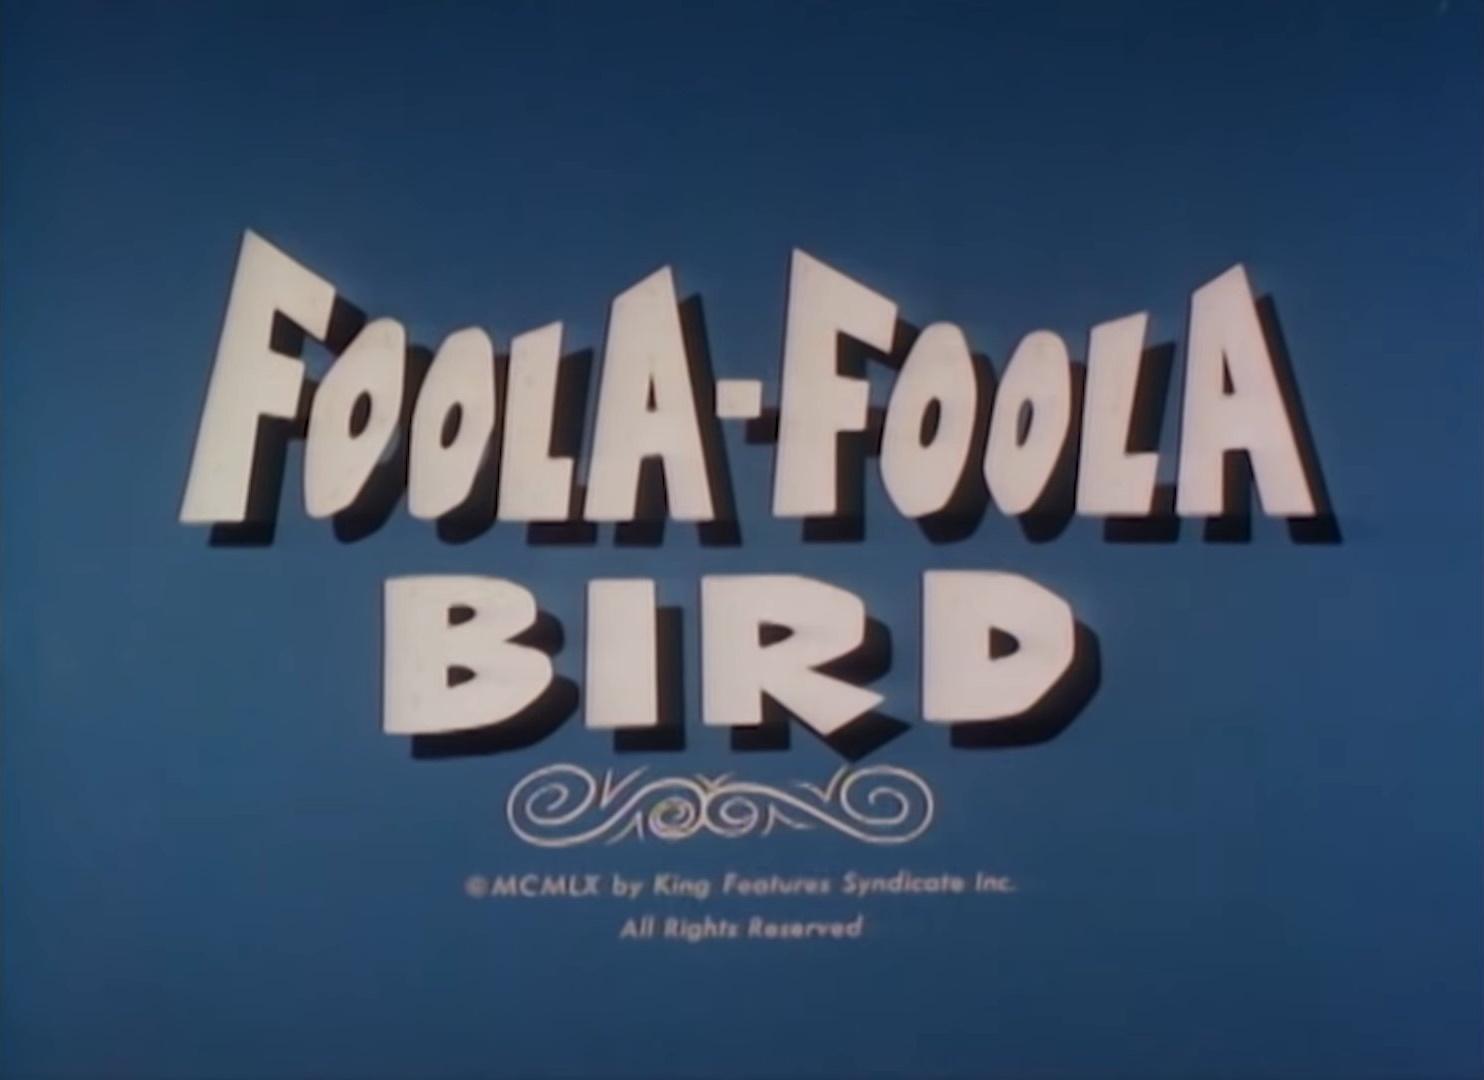 Foola-Foola Bird